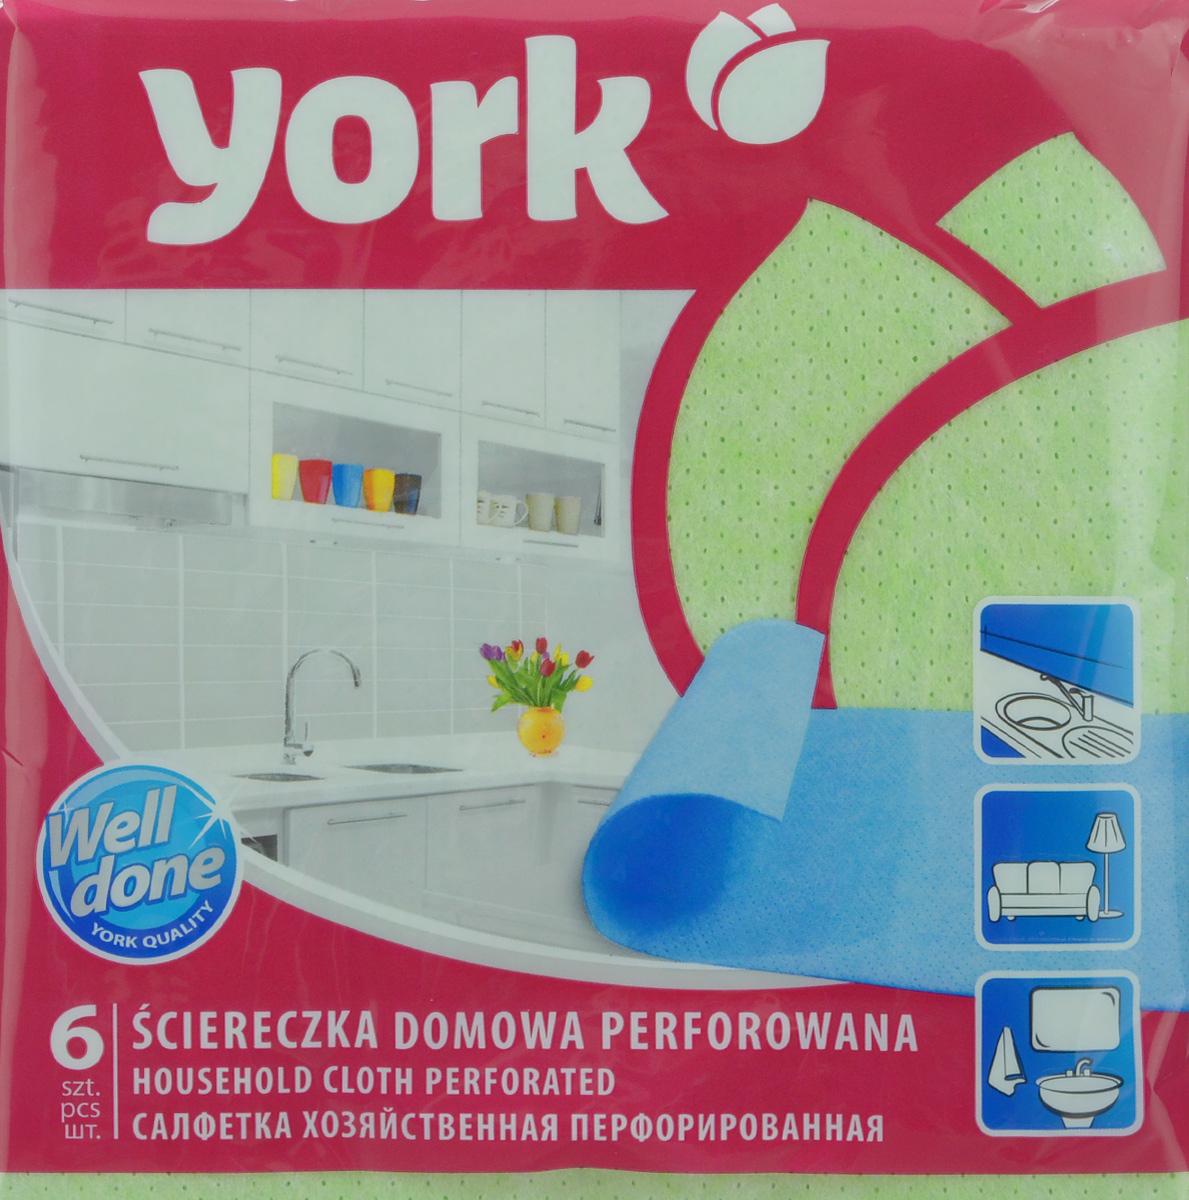 Салфетка перфорированная York, цвет: зеленый, 34 см х 35 см, 6 шт2004_зеленыйПерфорированная салфетка York предназначена для мытья, протирания и полировки. Салфетка выполнена из вискозы с добавлением полипропиленового волокна, отличается высокой прочностью. Благодаря перфорации хорошо поглощает влагу. Идеальна для ухода за столешницами на кухне. Может использоваться в сухом и влажном виде.